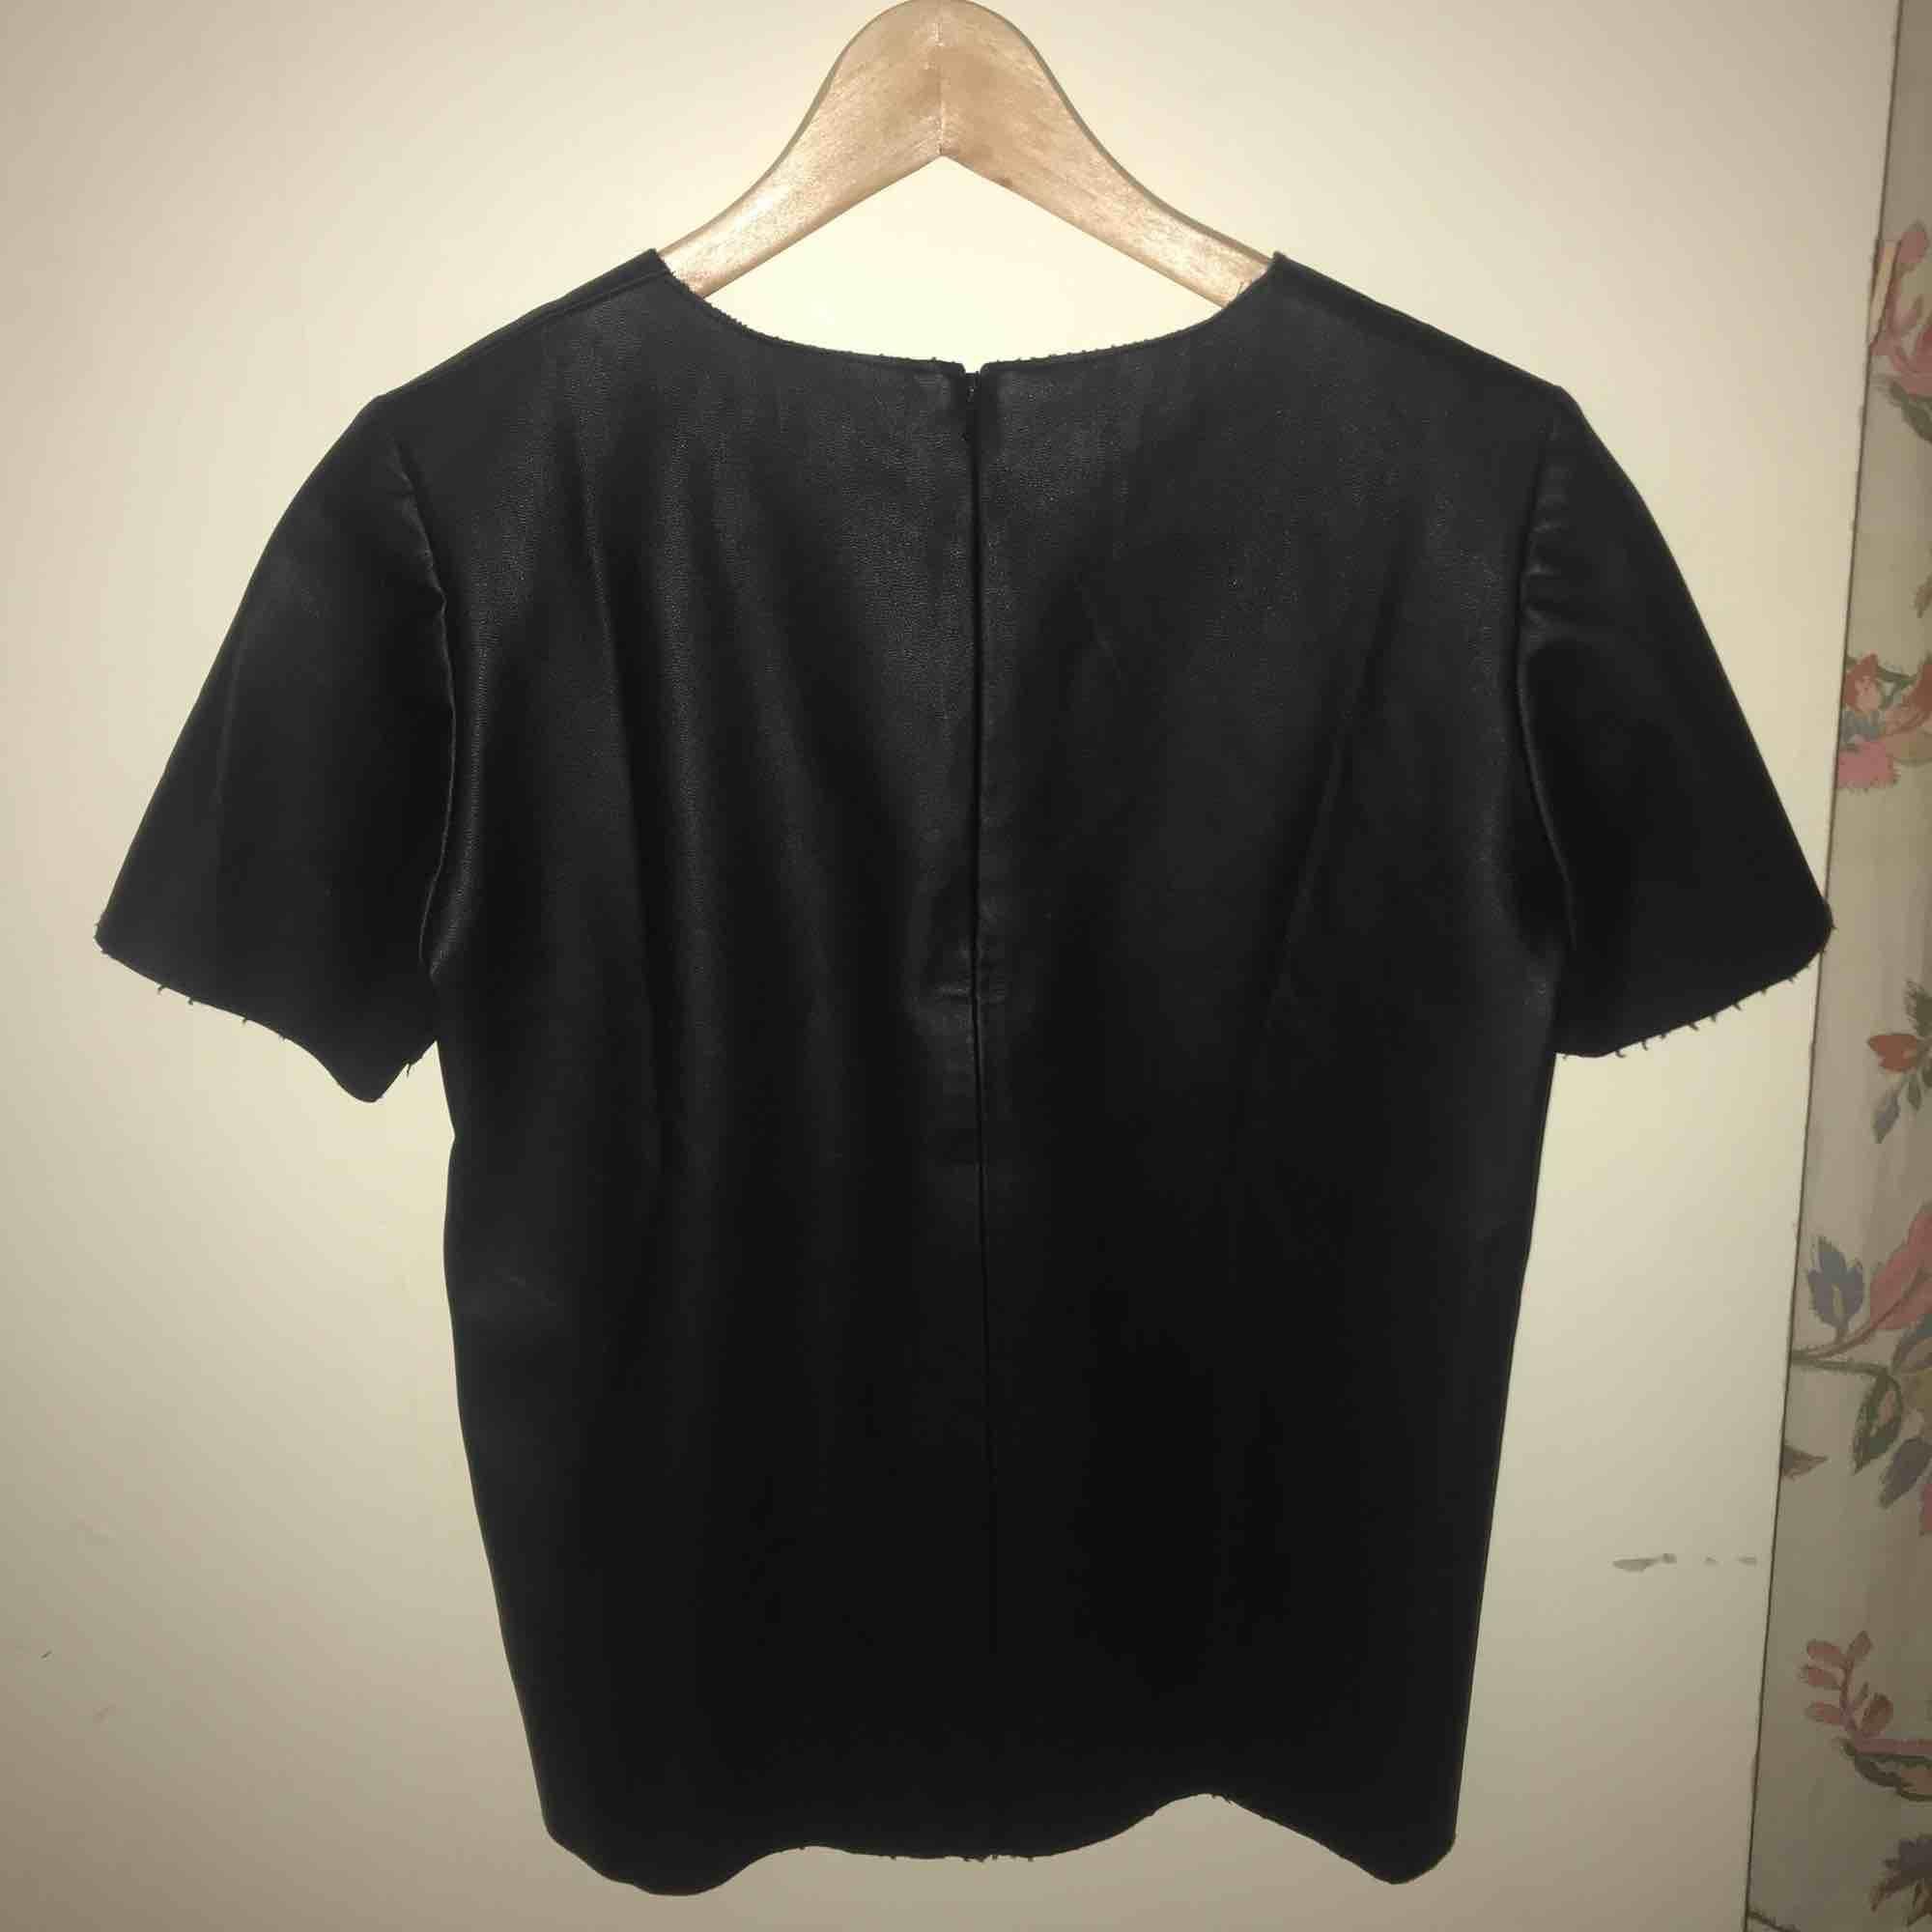 Skinnimiterad t-shirt topp i svart, använda ca 2 gånger. . Toppar.